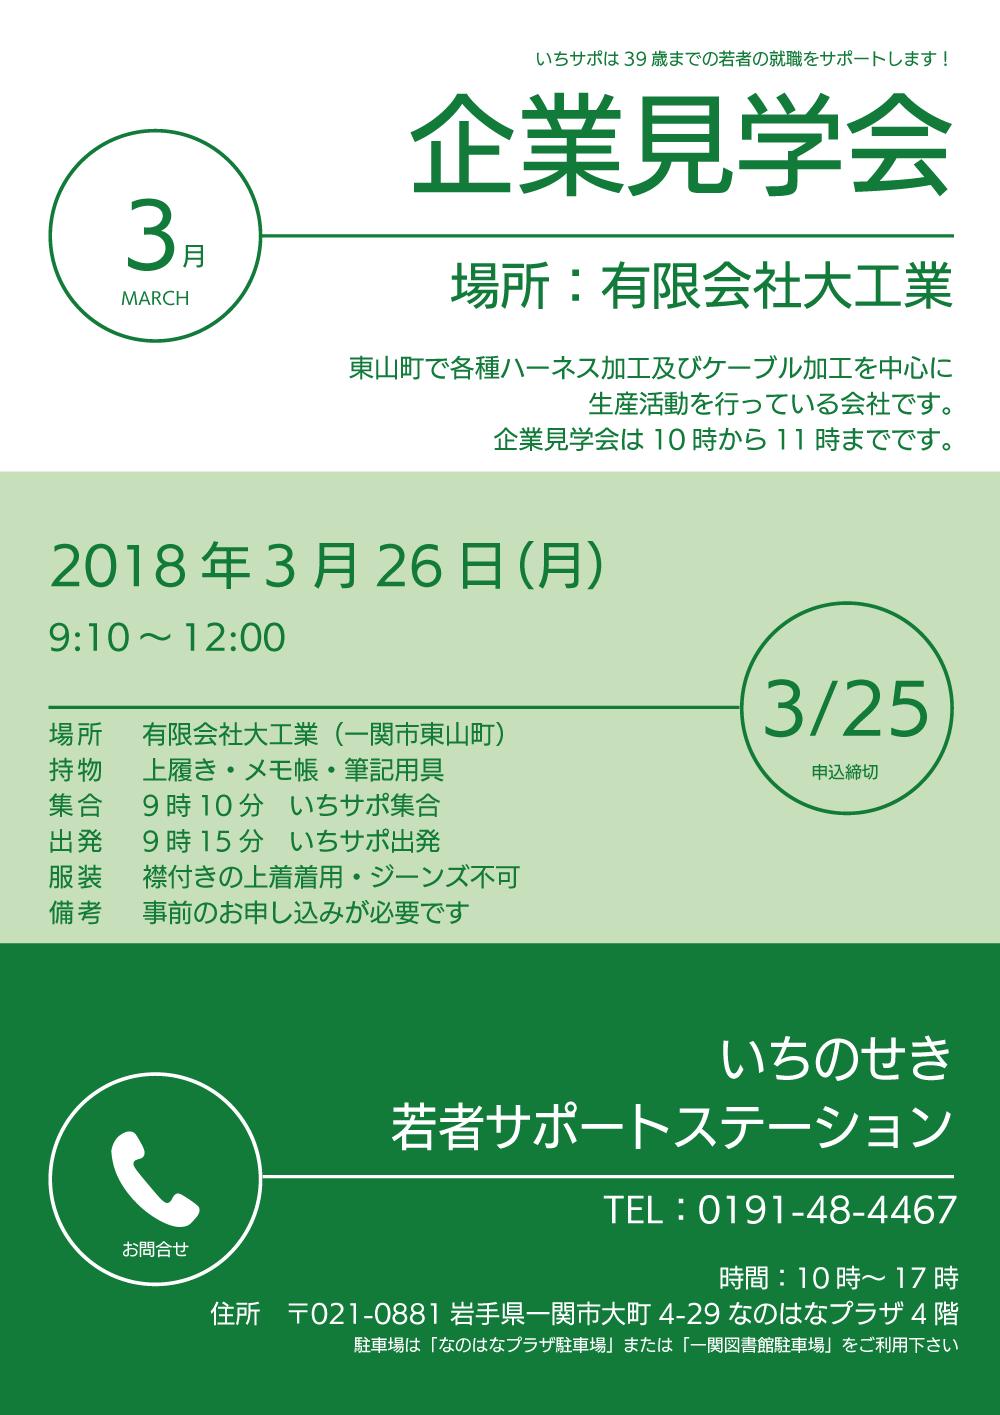 企業見学会【株式会社大工業】